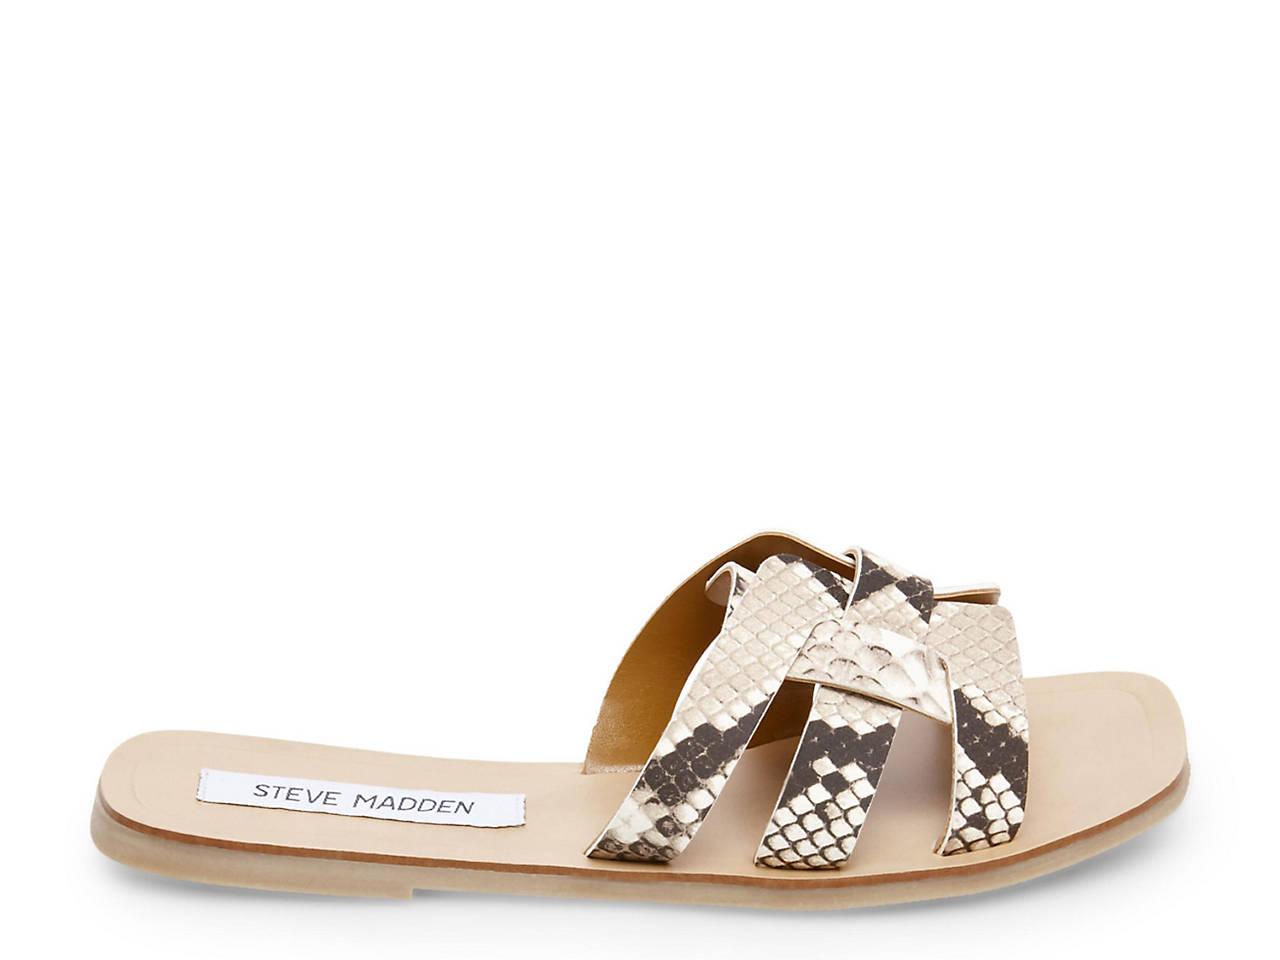 5668a2fbf94 Steve Madden Sicily Sandal Women s Shoes